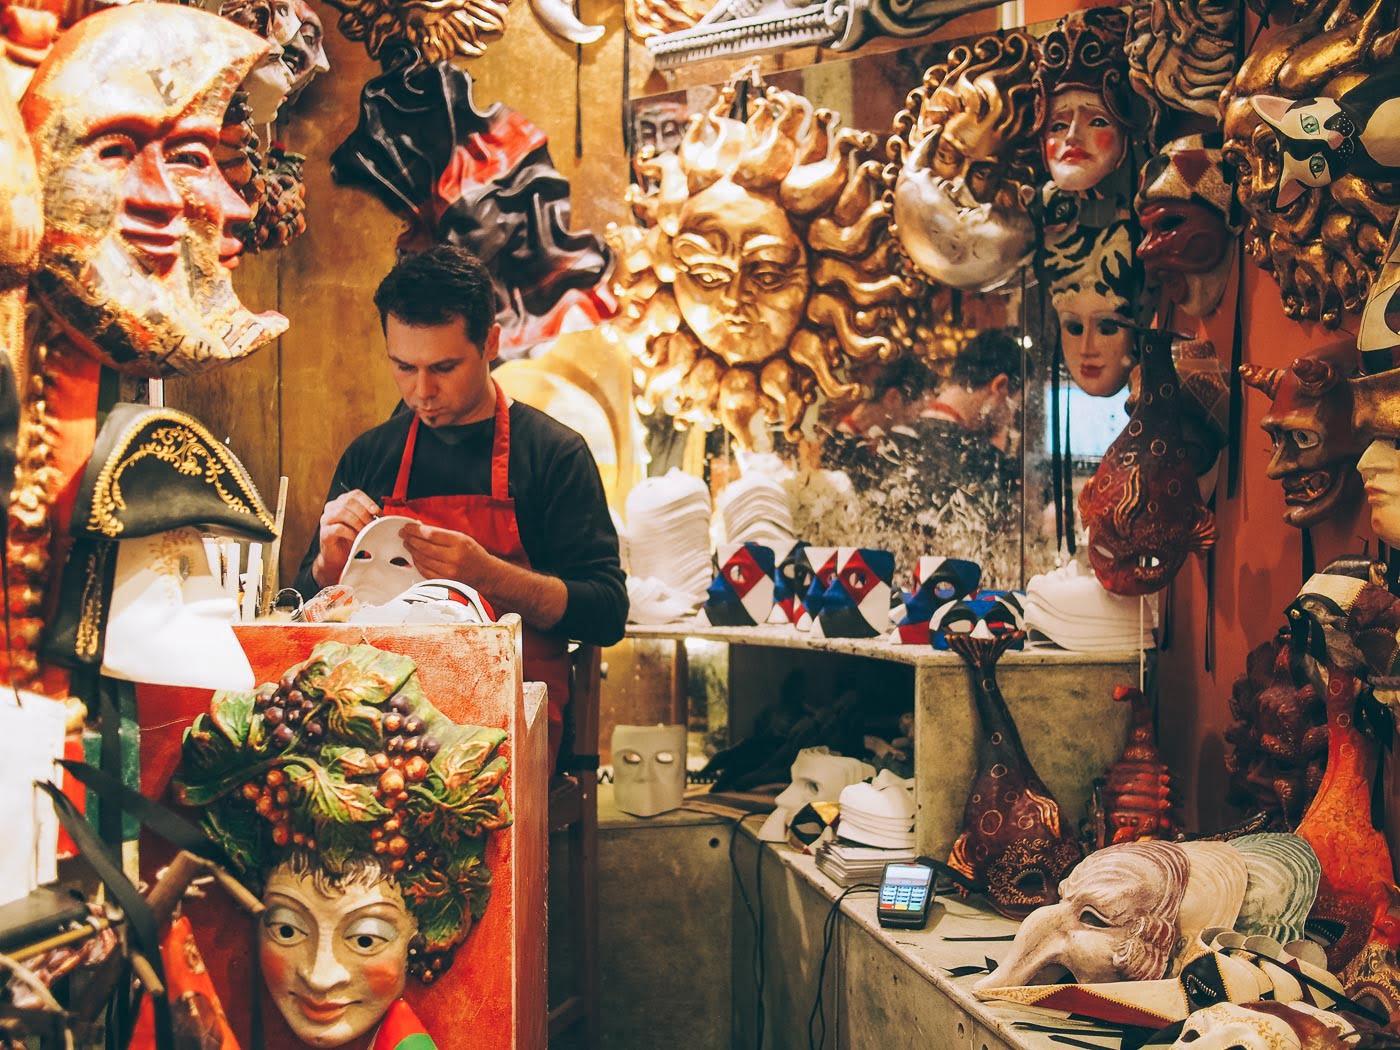 Masque de Carnaval, Visiter Venise, voyage en Italie